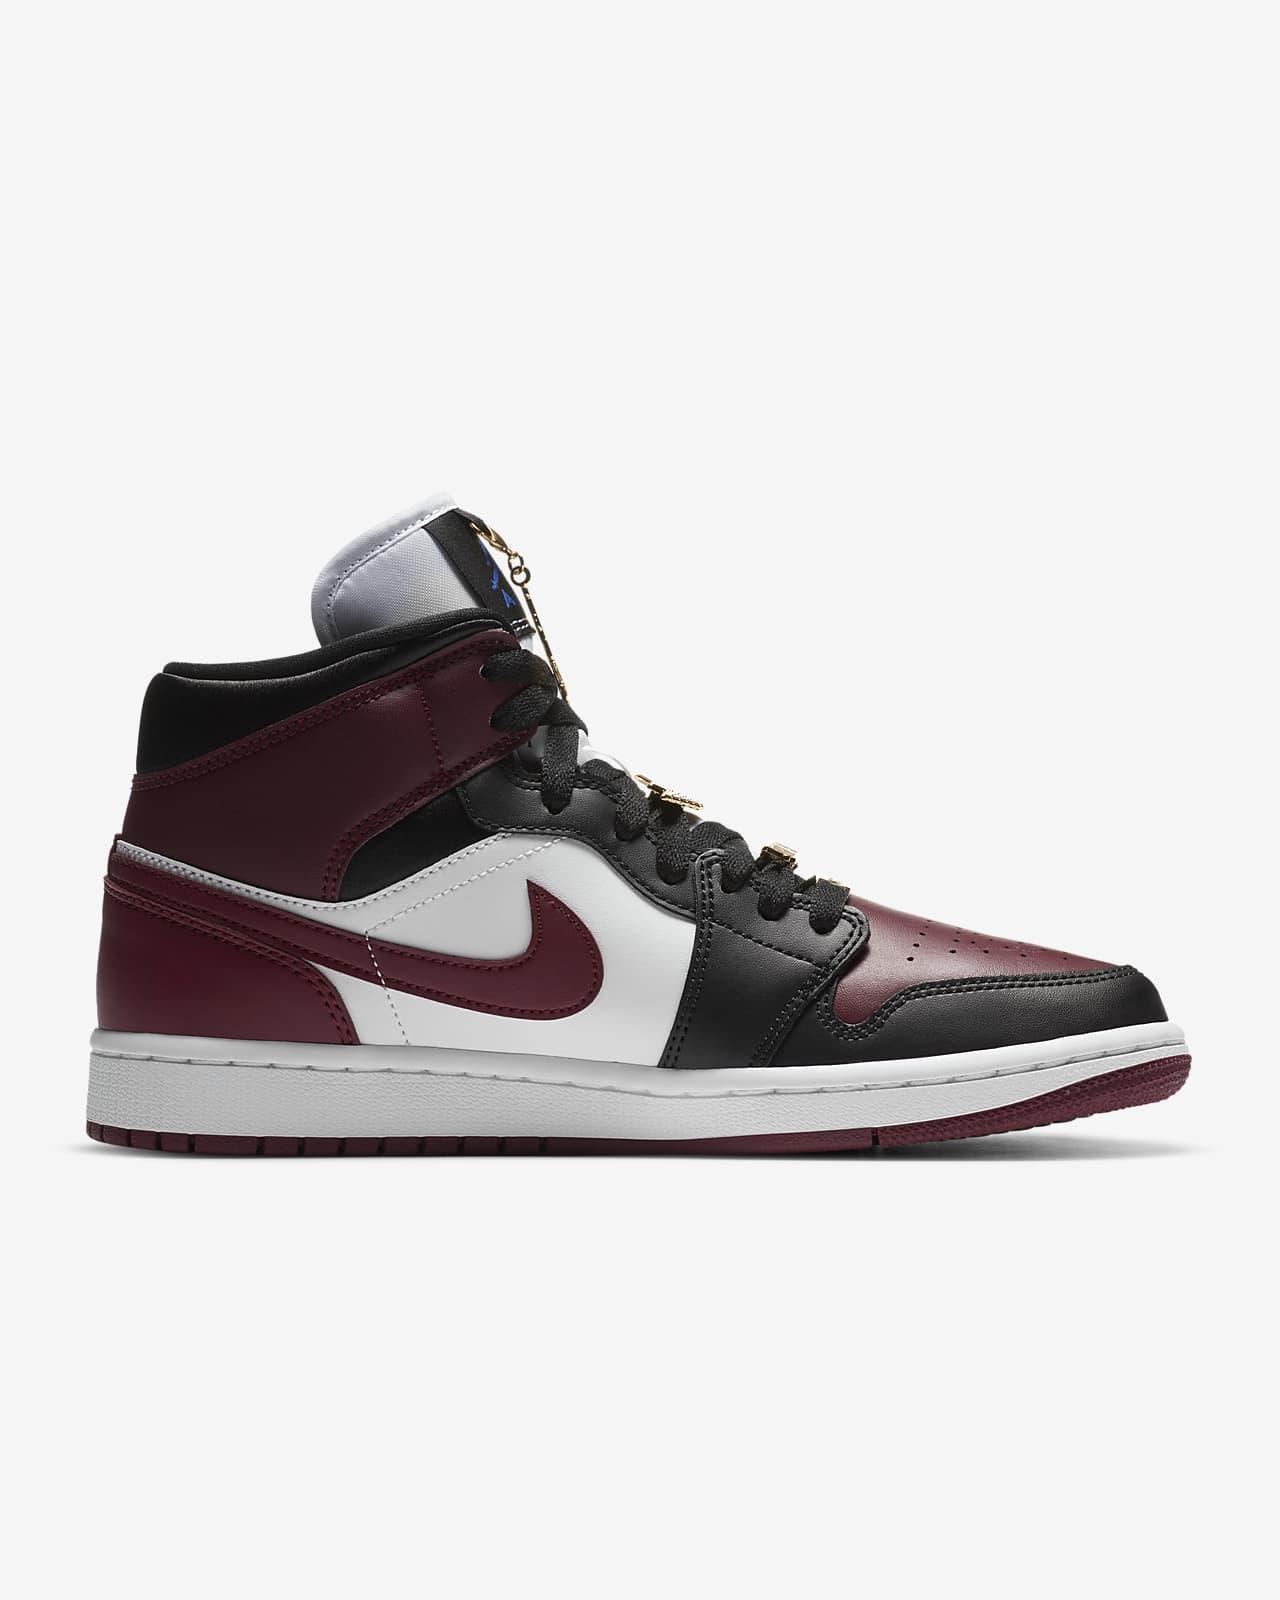 chaussure femme air jordan 1 mid